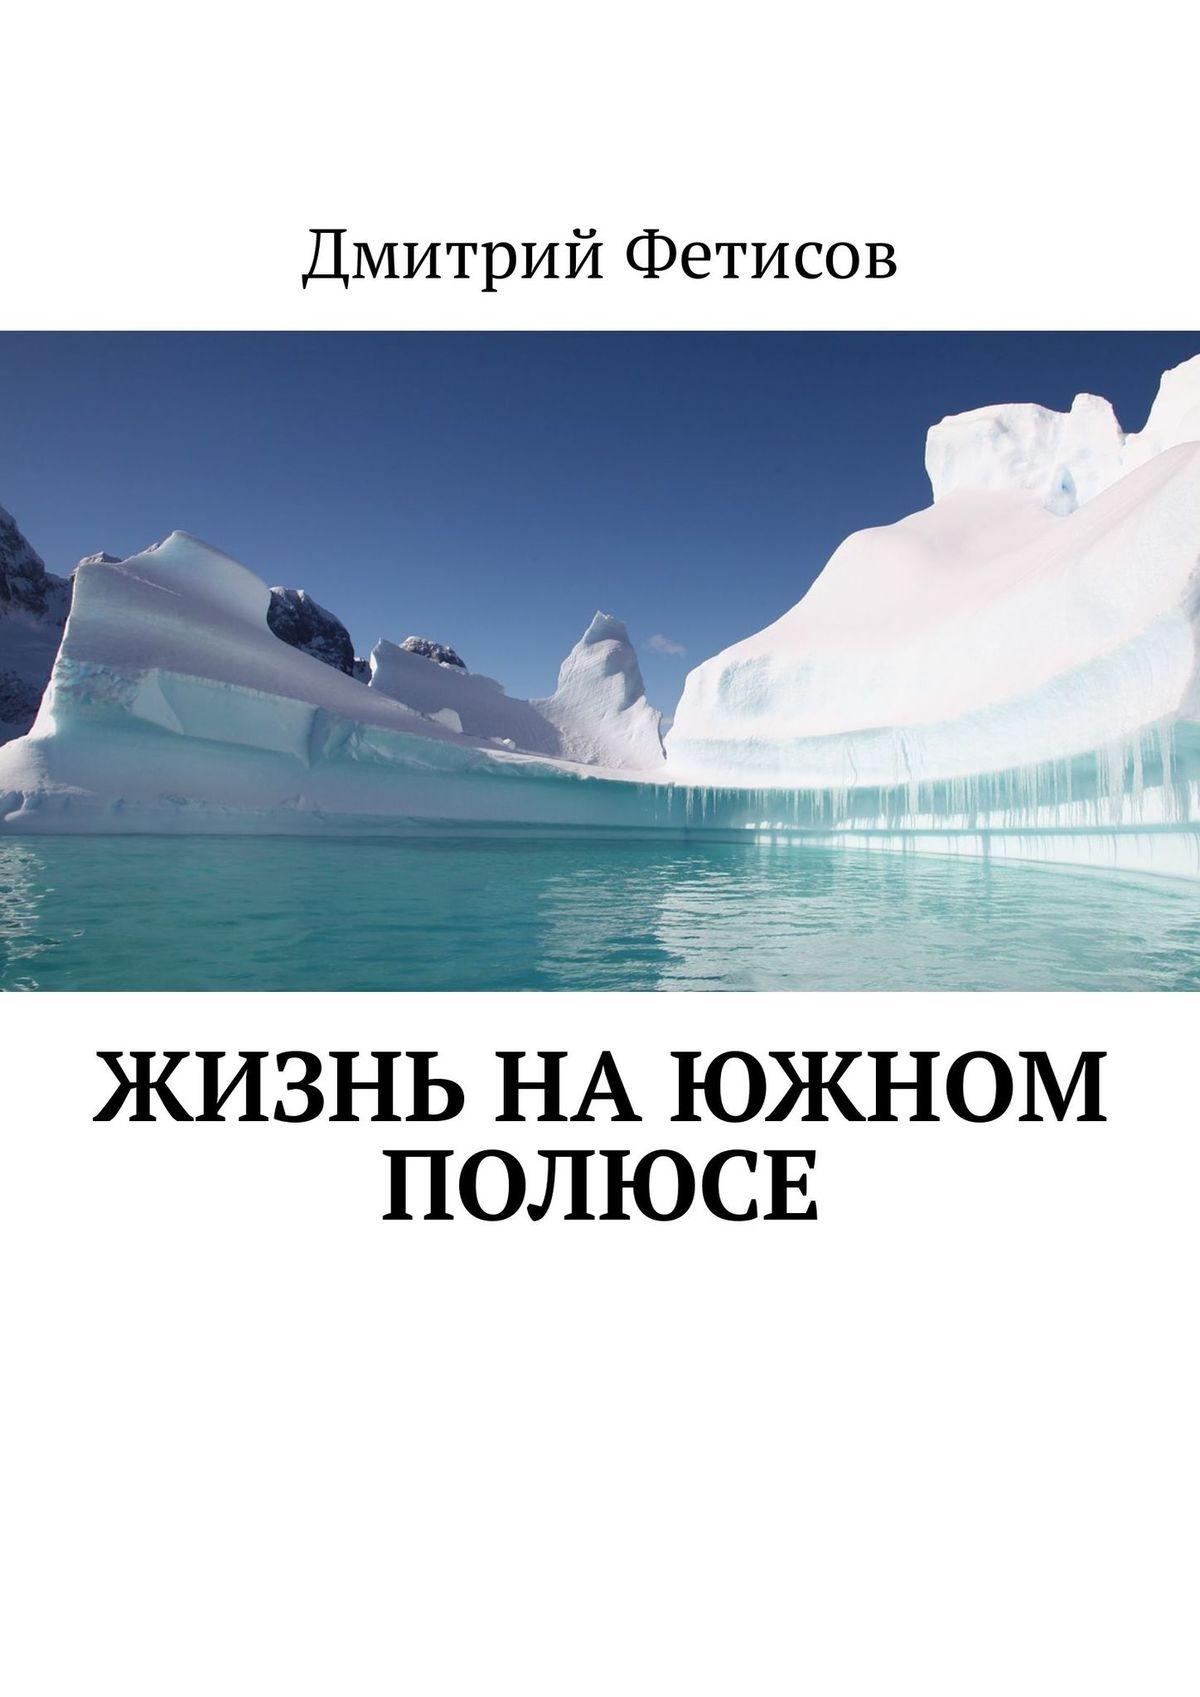 Дмитрий Фетисов Жизнь на Южном полюсе э с виленский шестнадцать дней на полюсе